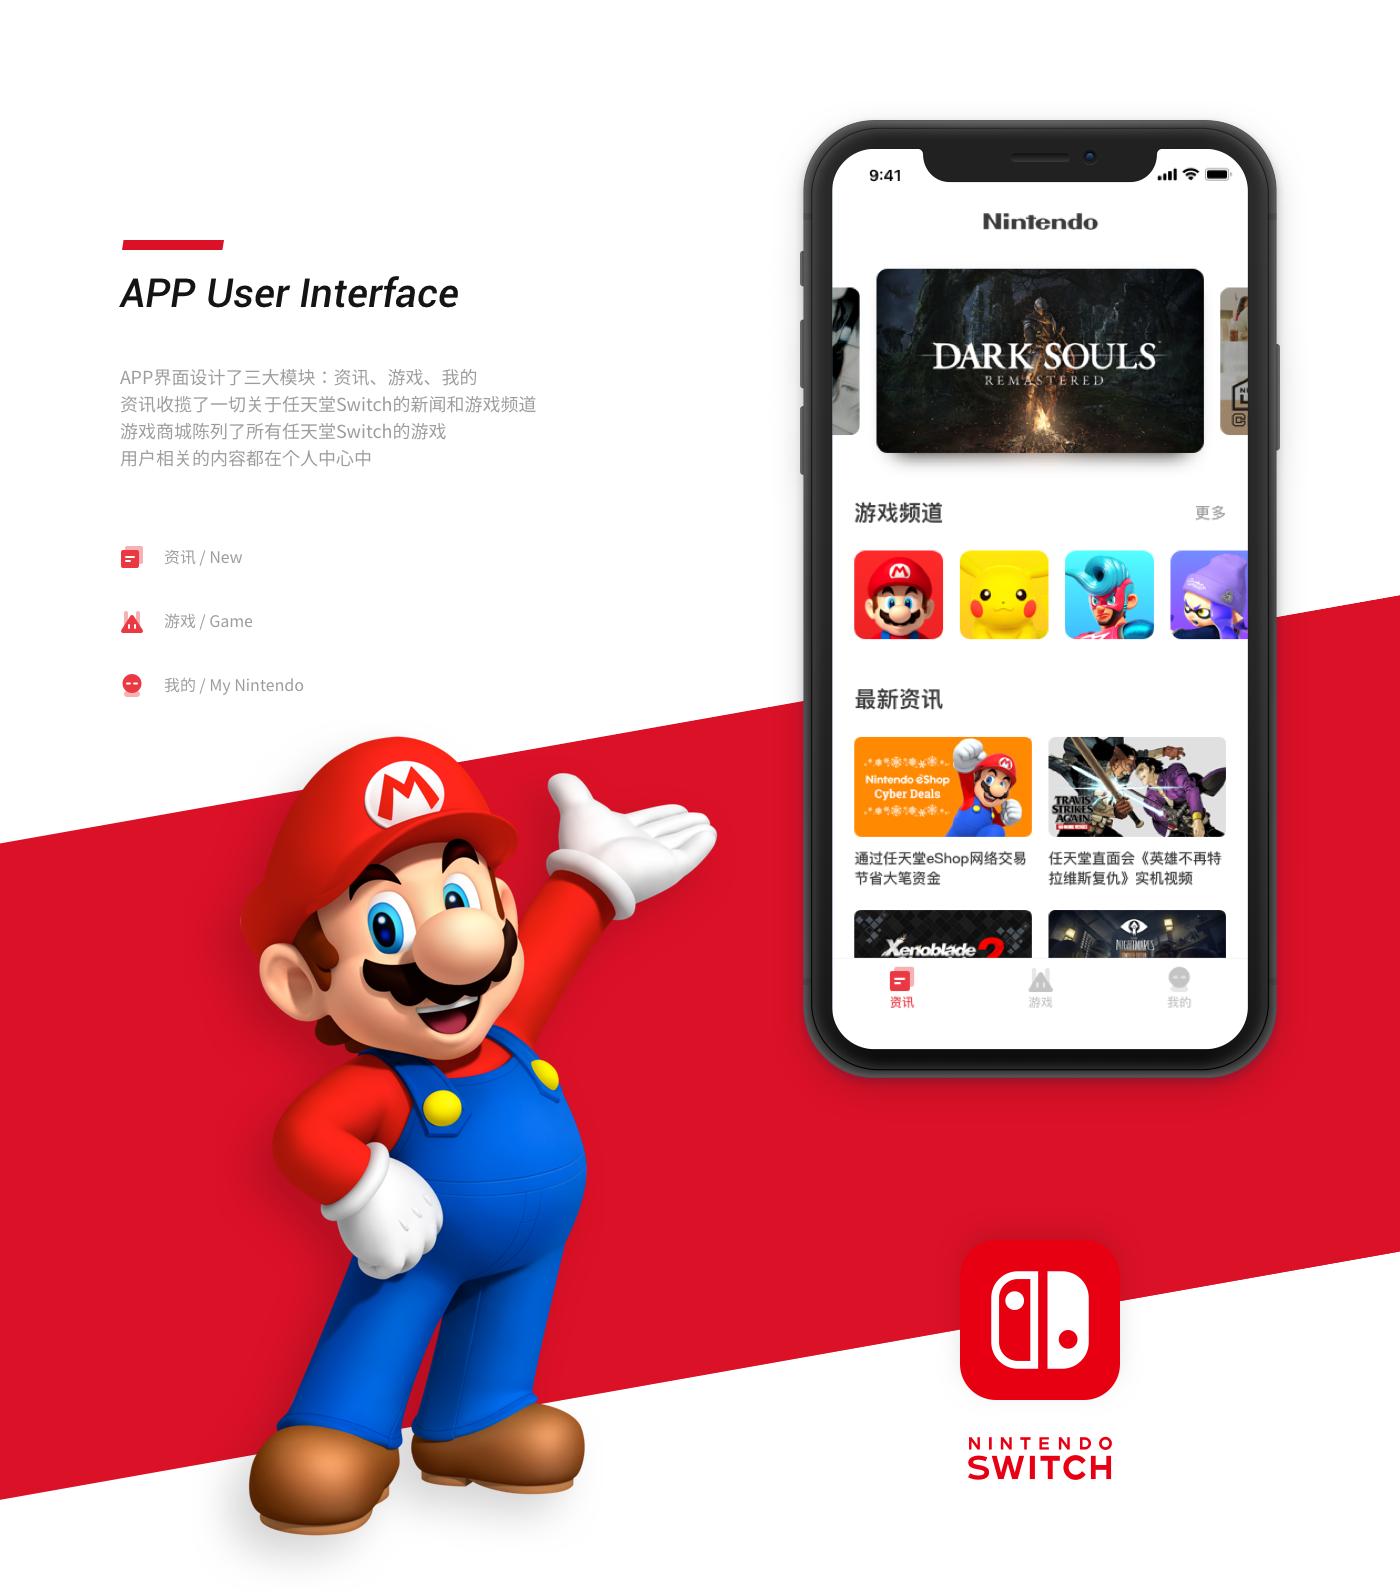 全球资讯_任天堂Switch UI界面设计 - 视觉同盟(VisionUnion.com)